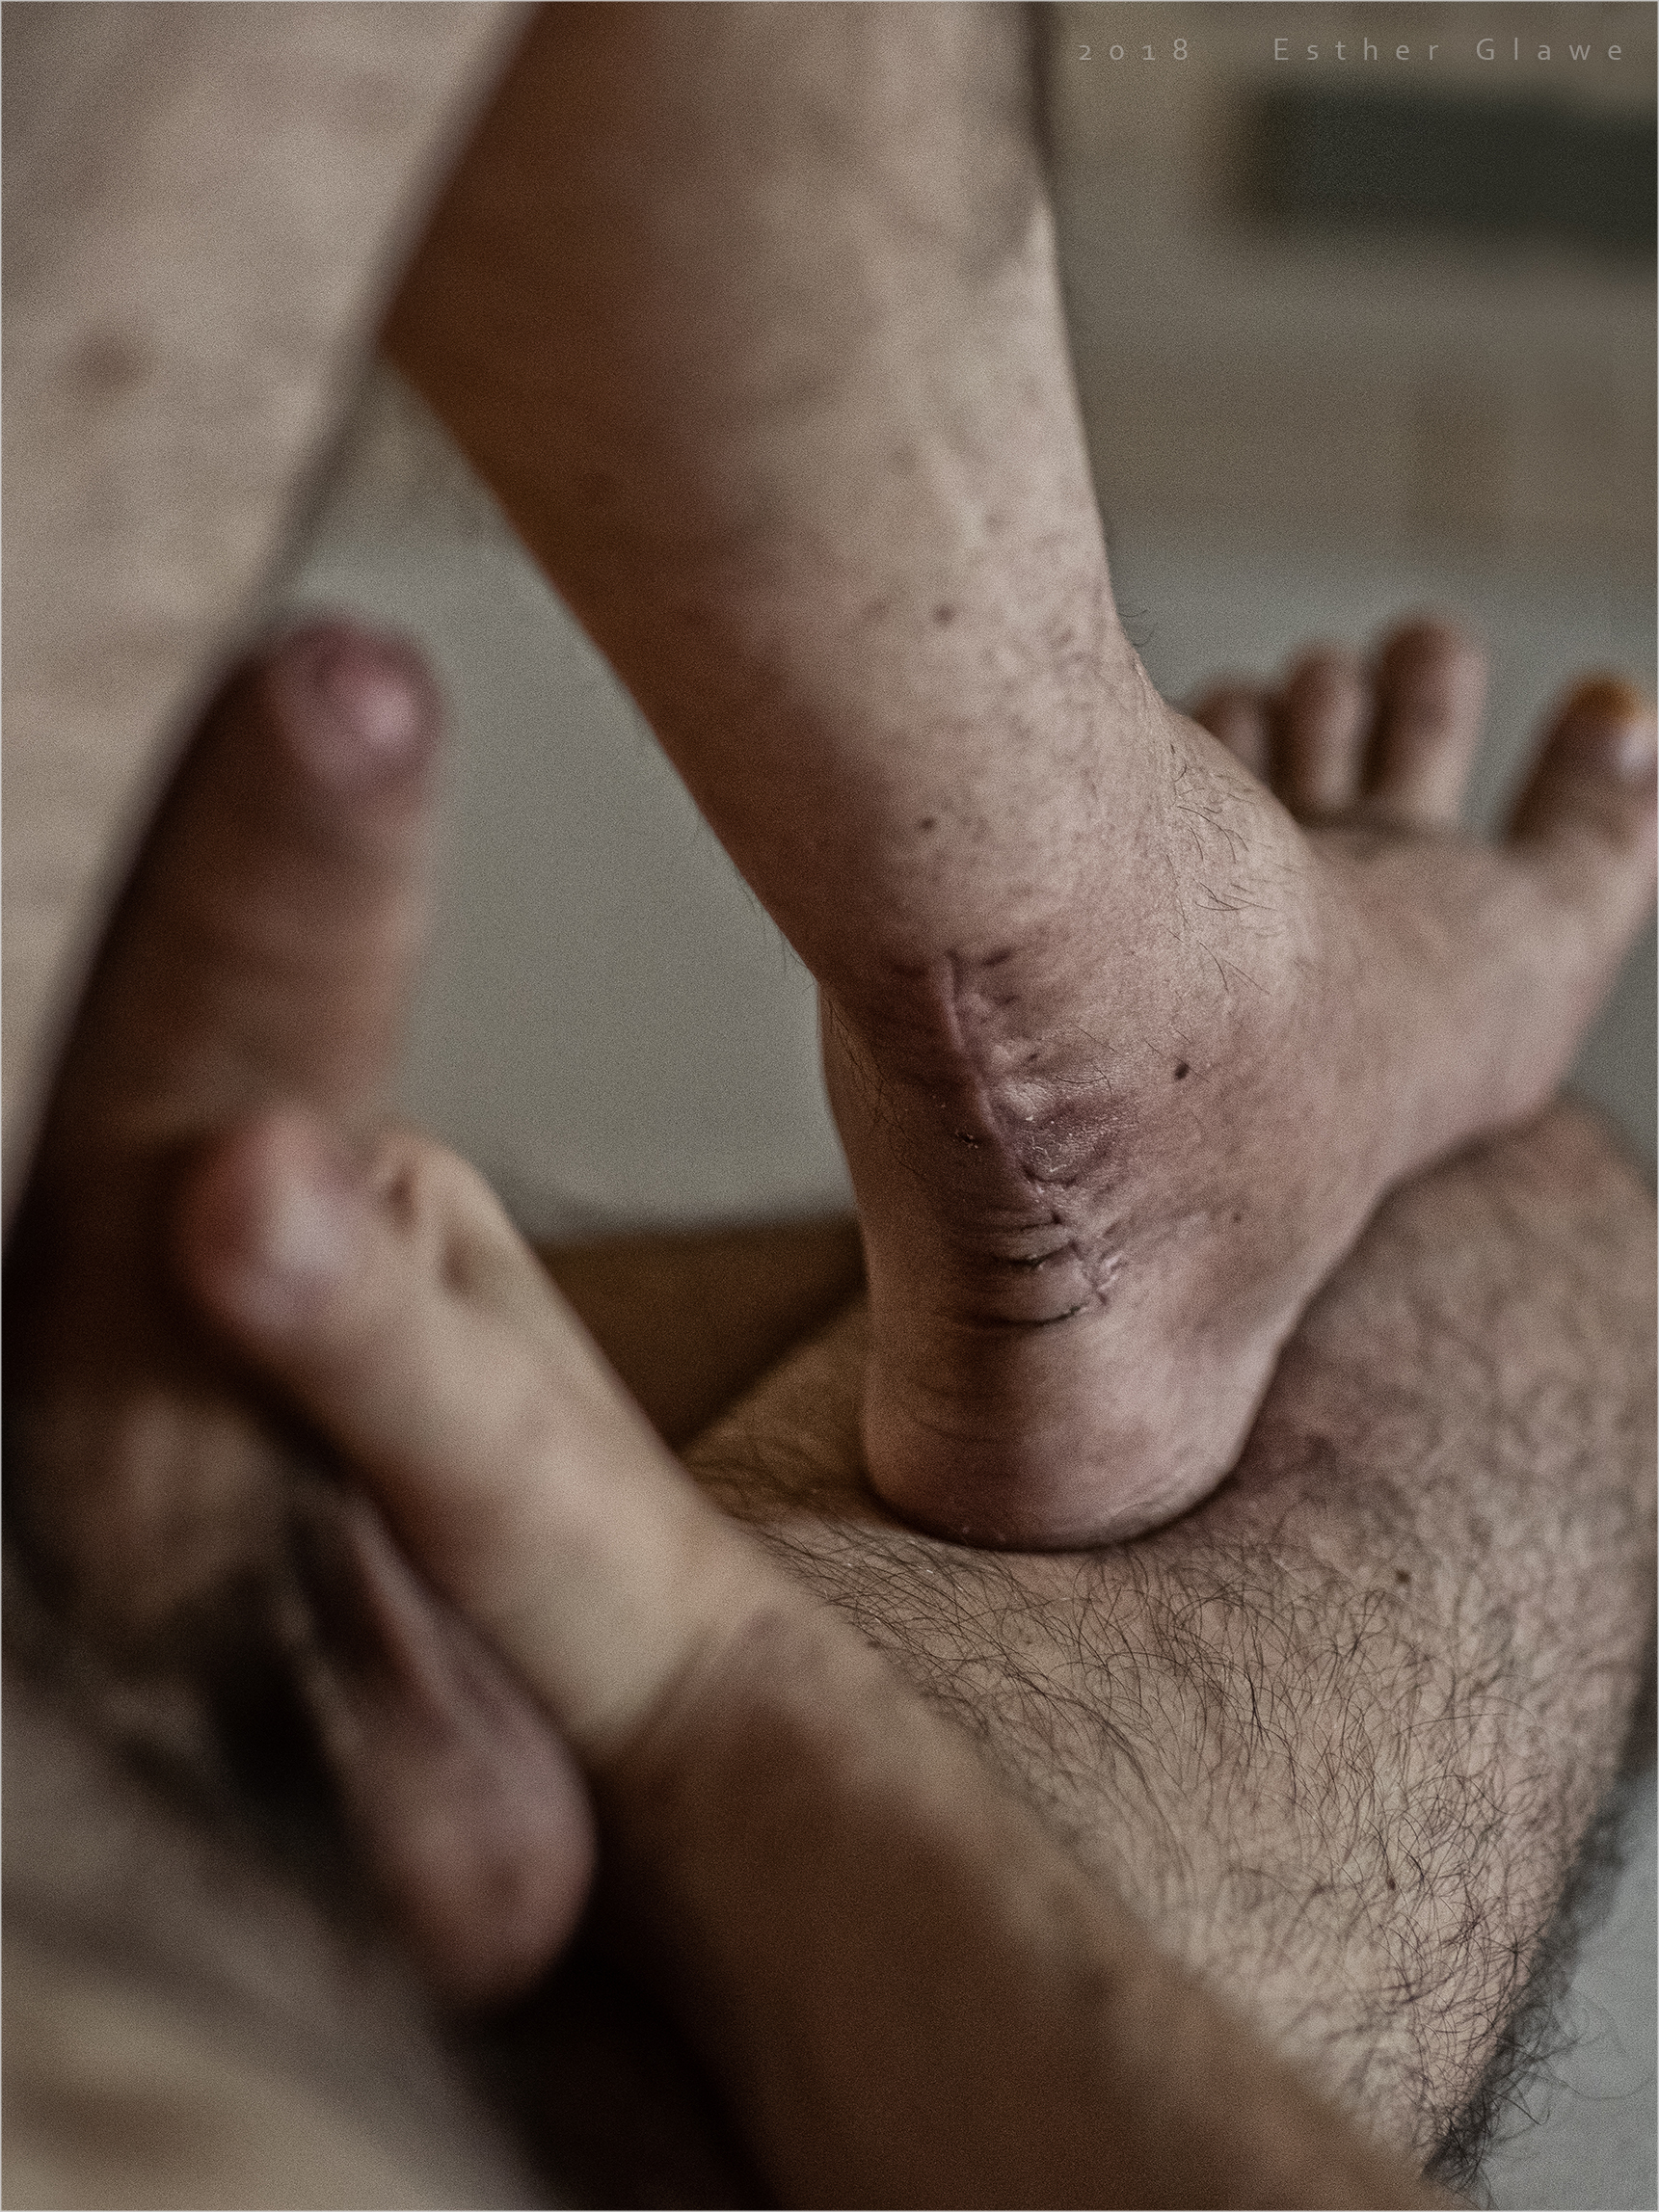 männerfuß mit narbe und penis